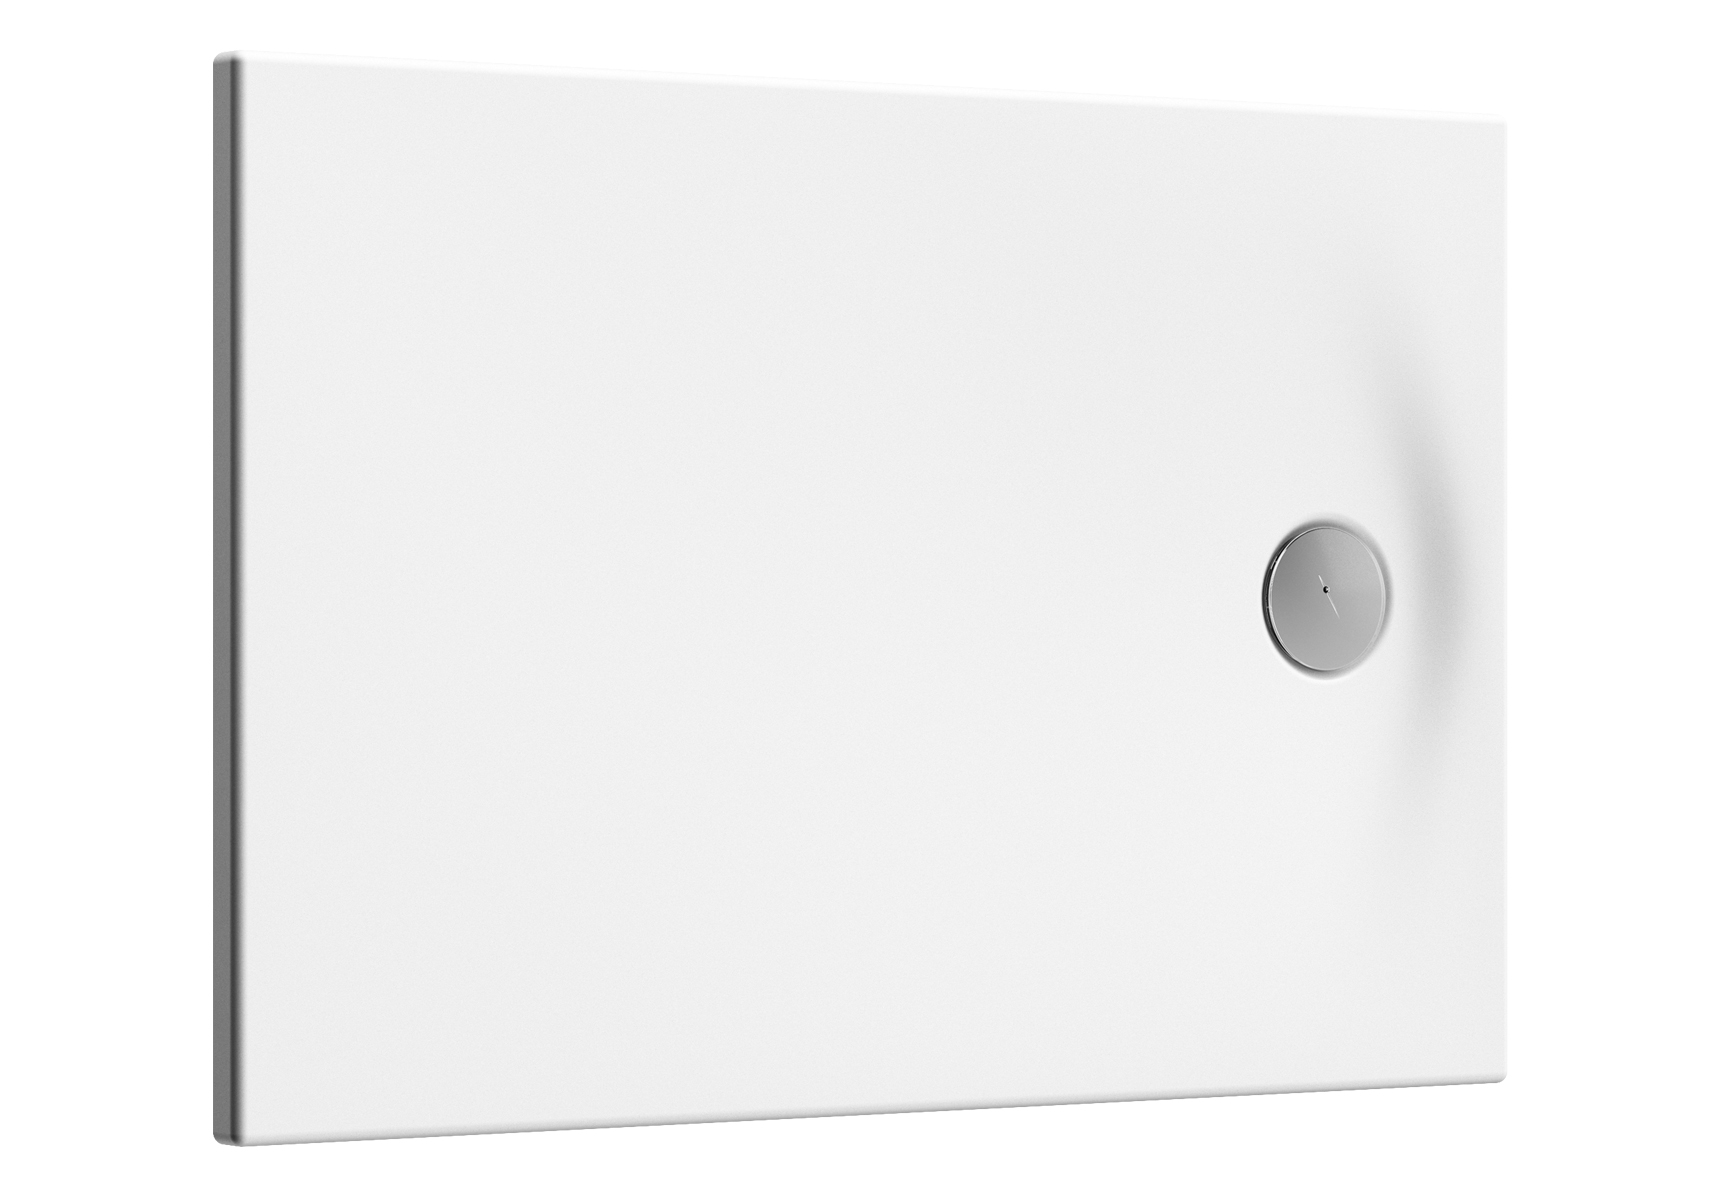 Smooth receveur ultra plat en acrylique, 3,2 mm, à encastrer ou à poser, rectangulaire, 160  x  70 cm